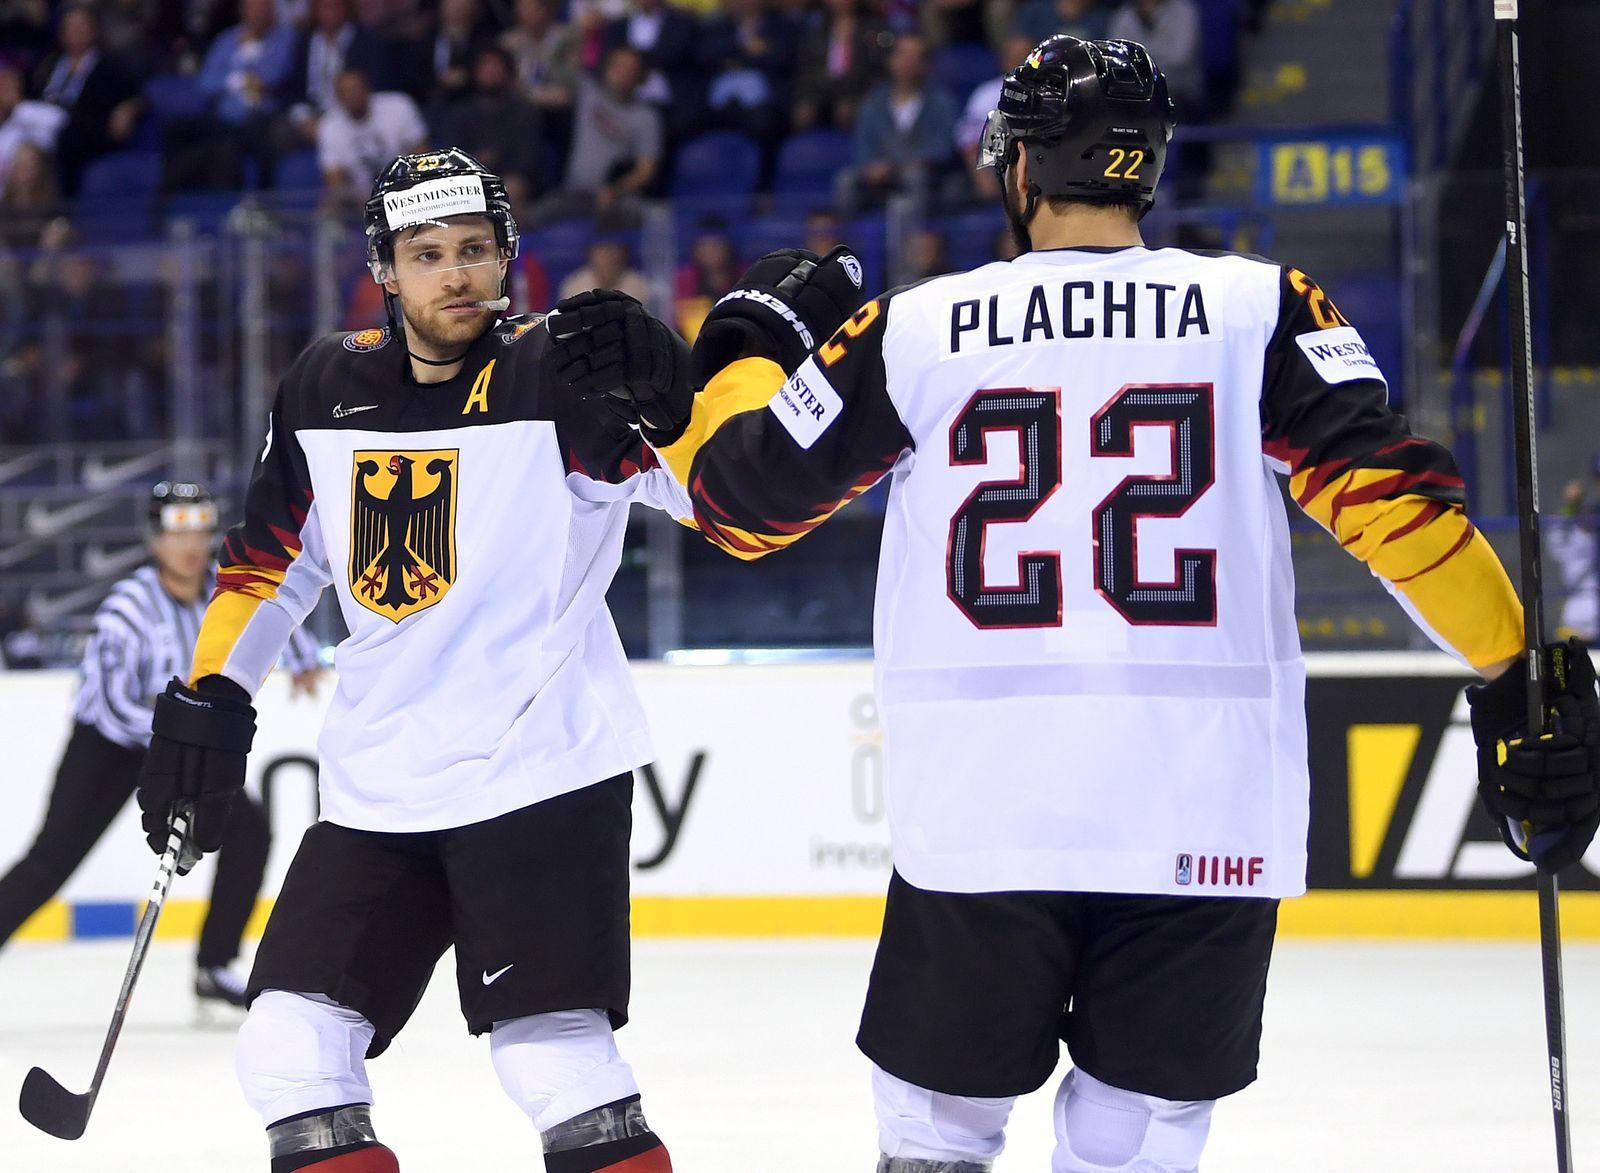 Eishockey WM: Dänemark - Deutschland